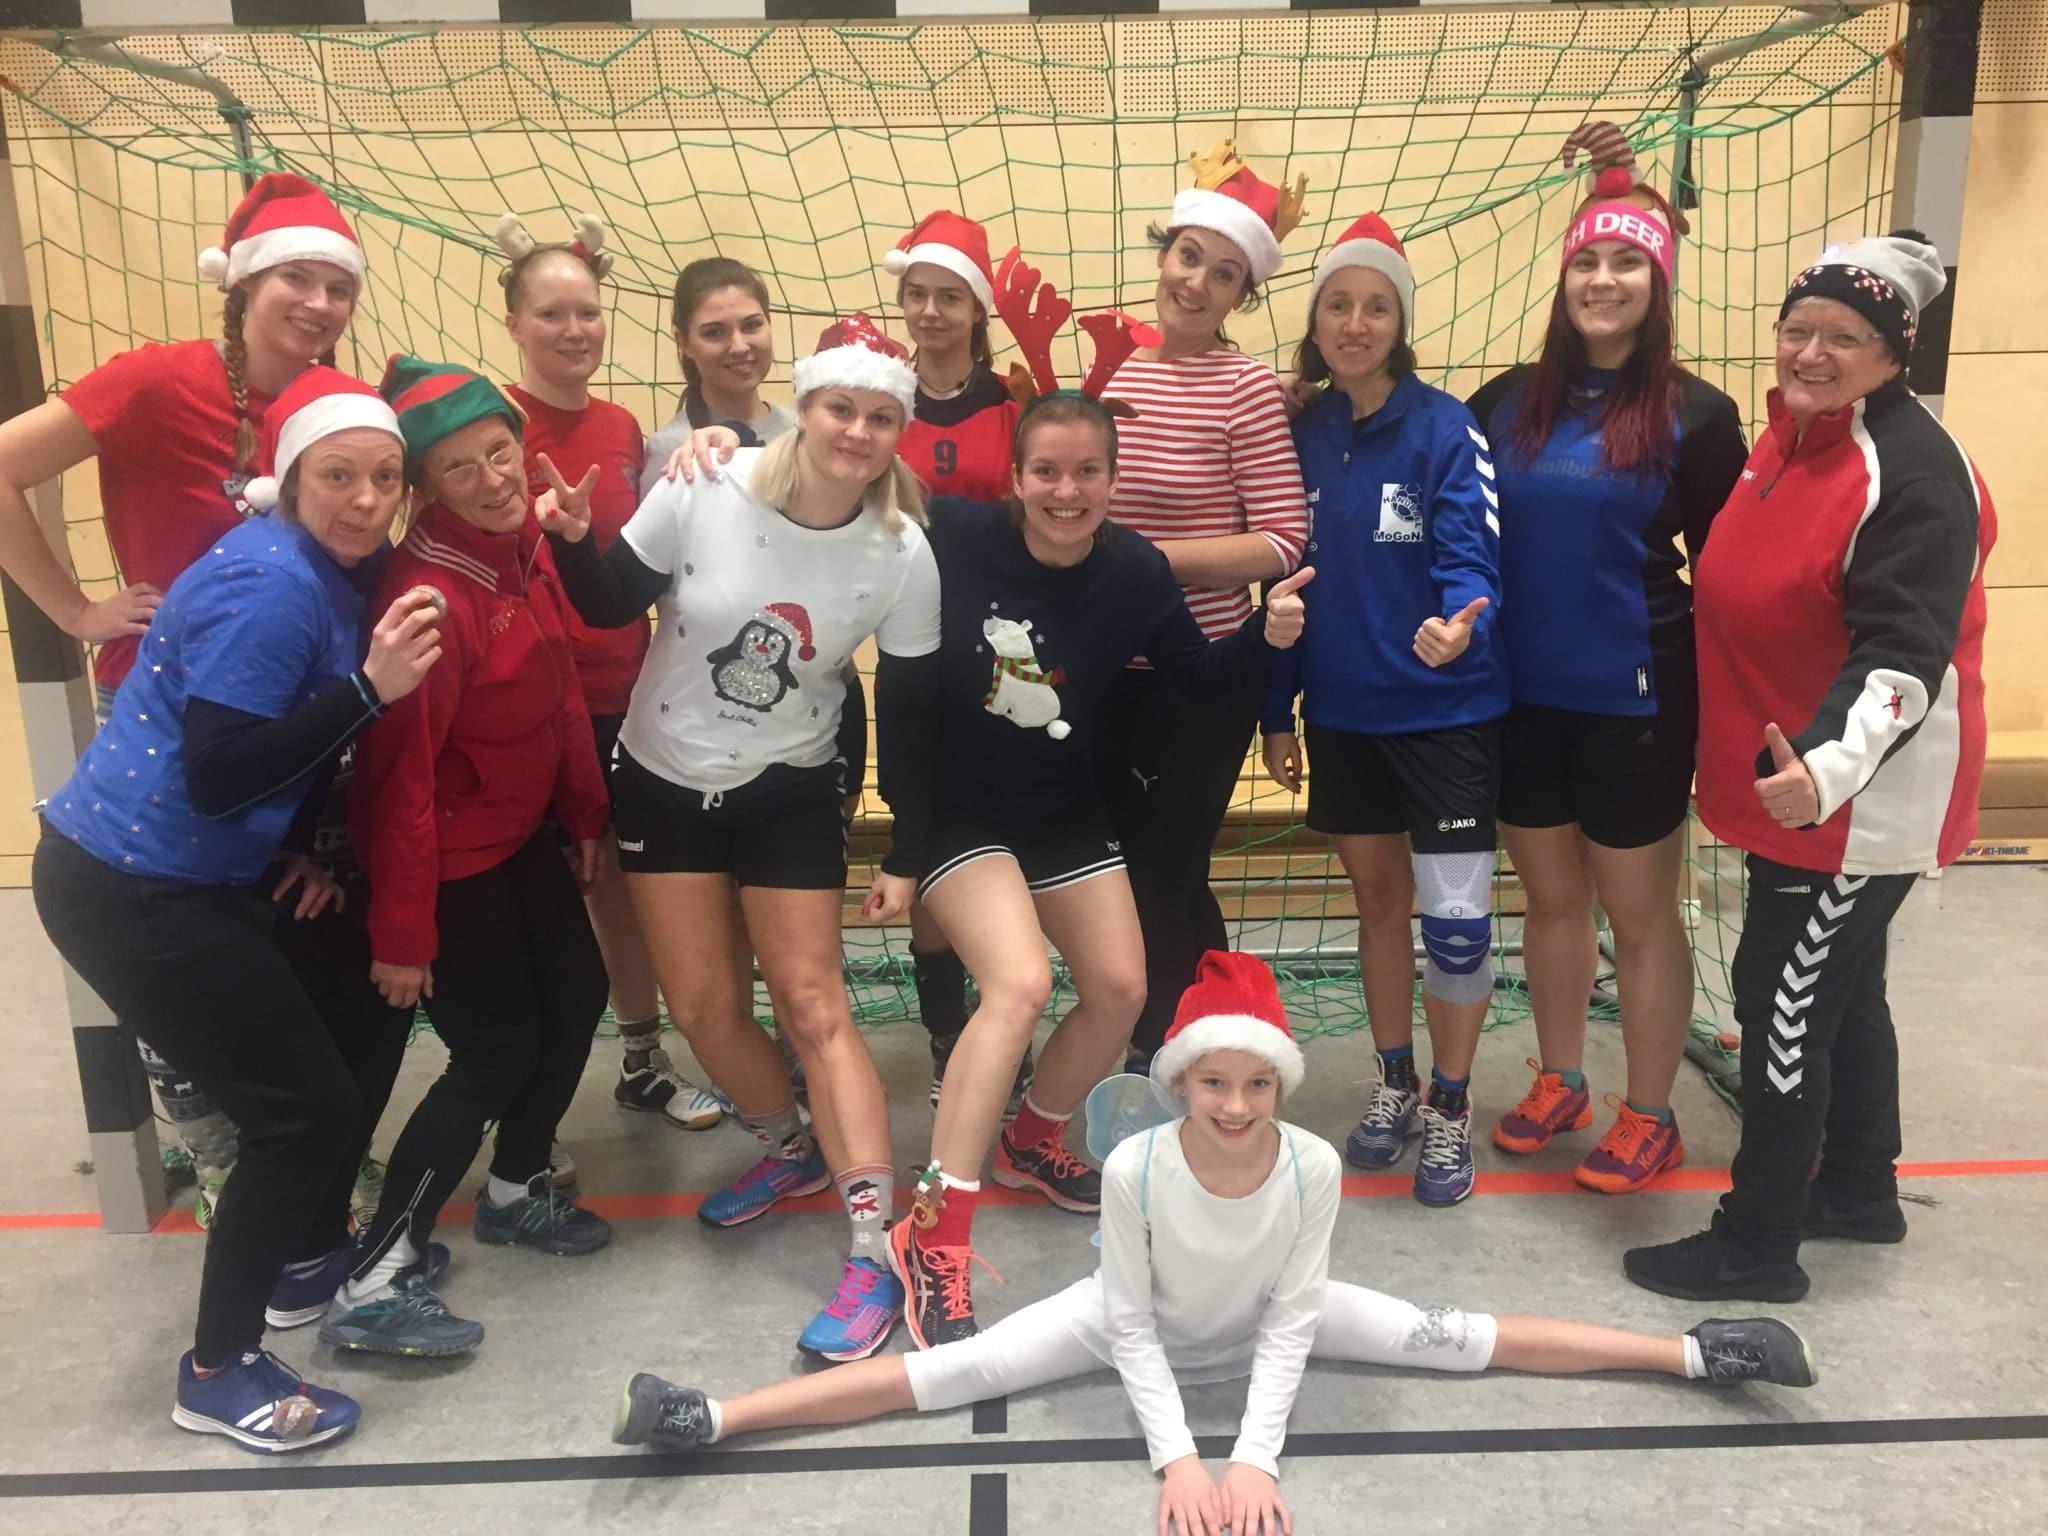 Weihnachtsgrüße Männer.2 Fr Weihnachtsgrüße Von Der Tabellenspitze Abteilung Handball